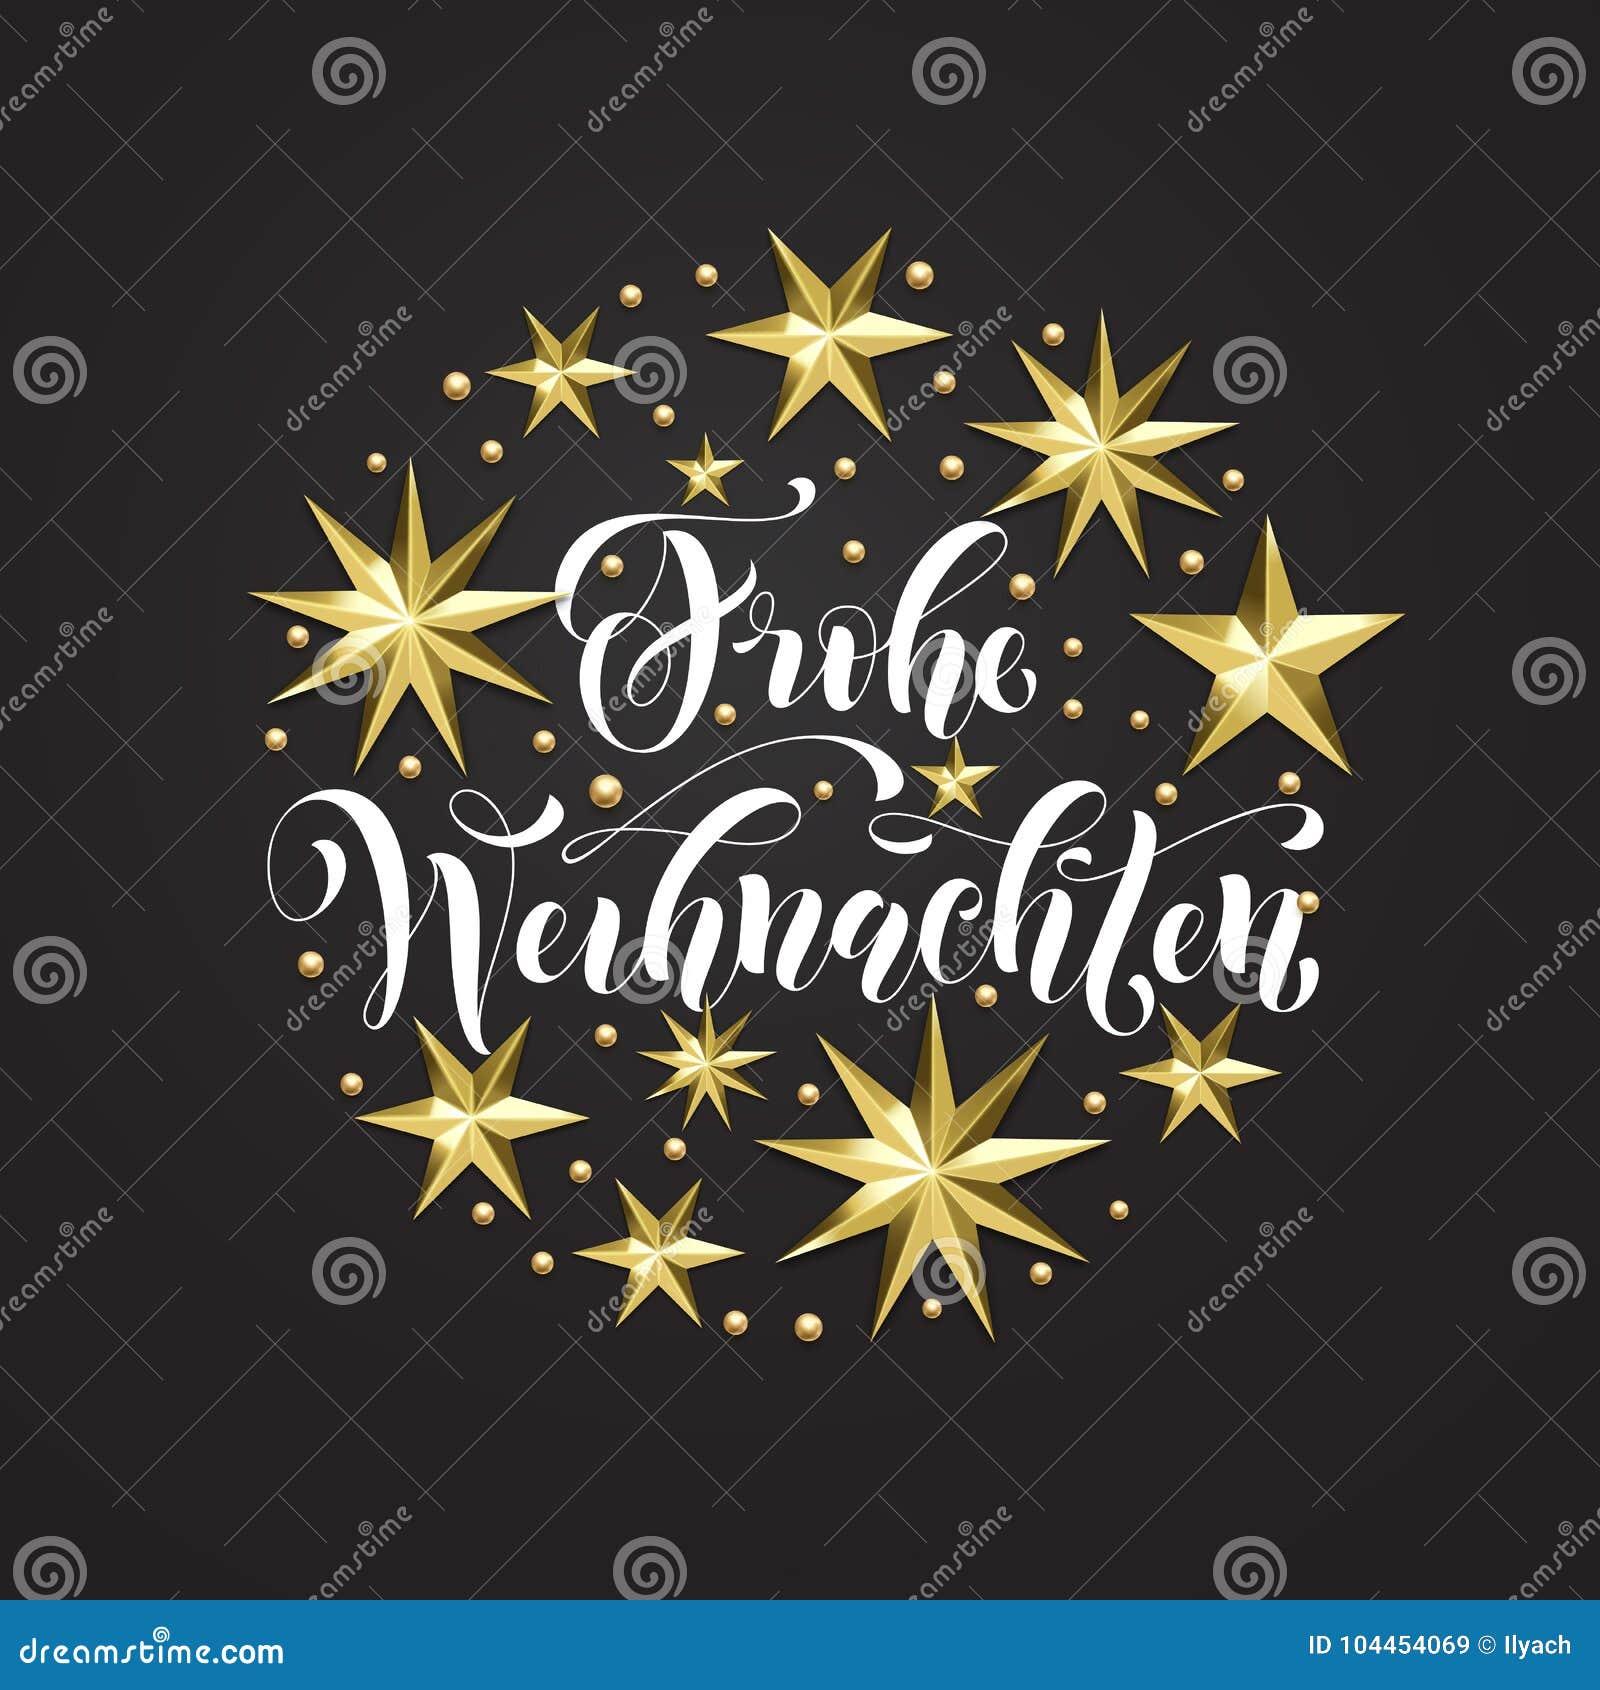 Weihnachten Bilder Mit Text.Frohe Weihnachten German Merry Christmas Golden Decoration